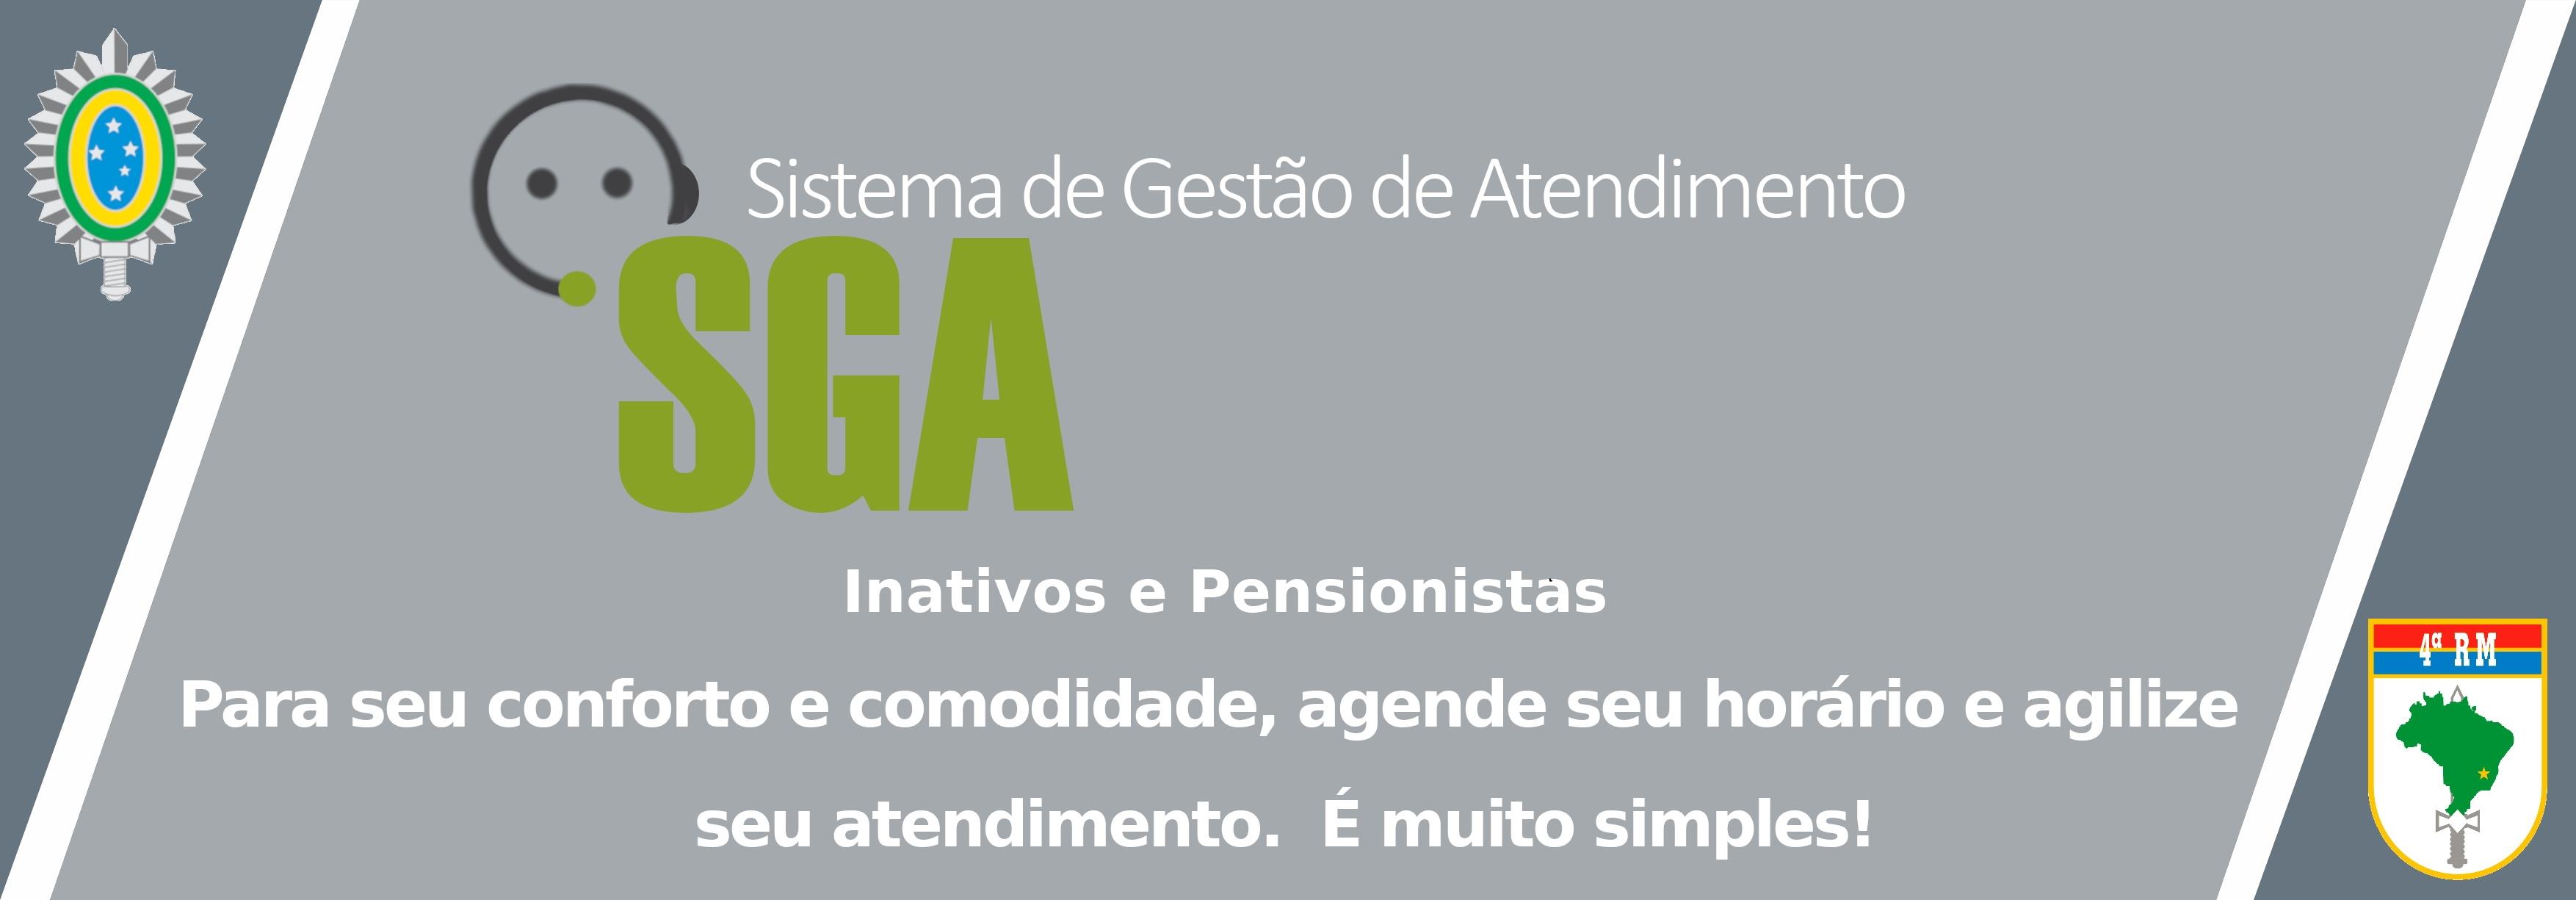 Sistema de Gestão de Atendimento - SGA - Inativos e Pensionistas